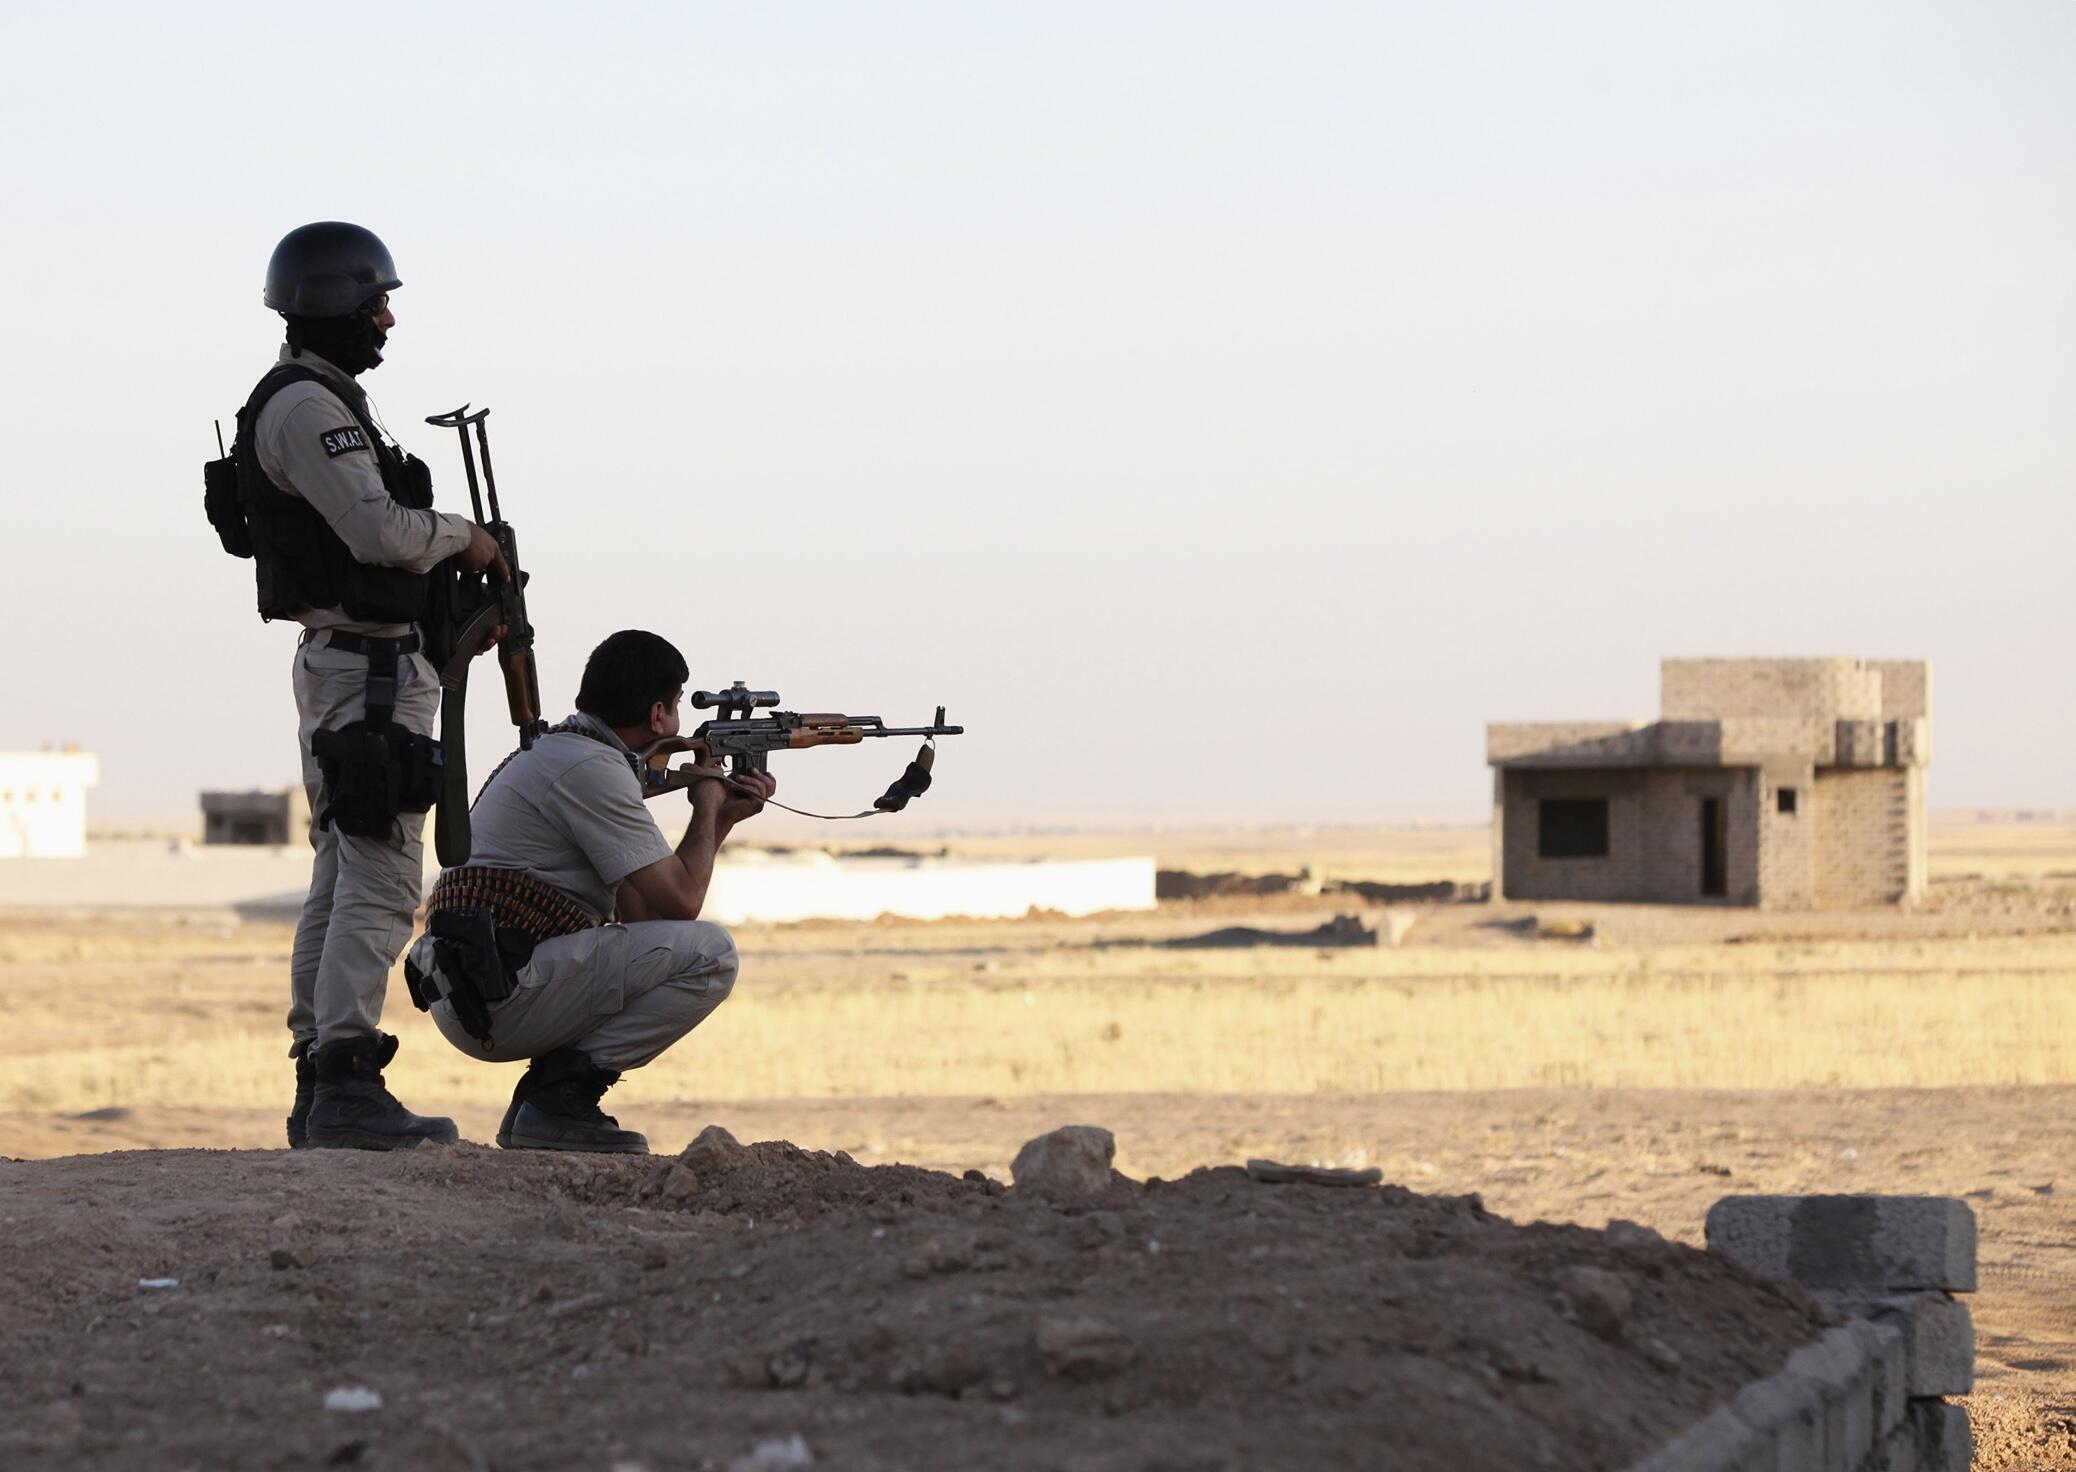 Курдские подразделения пешмерга участвуют в боевых дейтсвиях против джихадистов, 9 августа 2014 г.